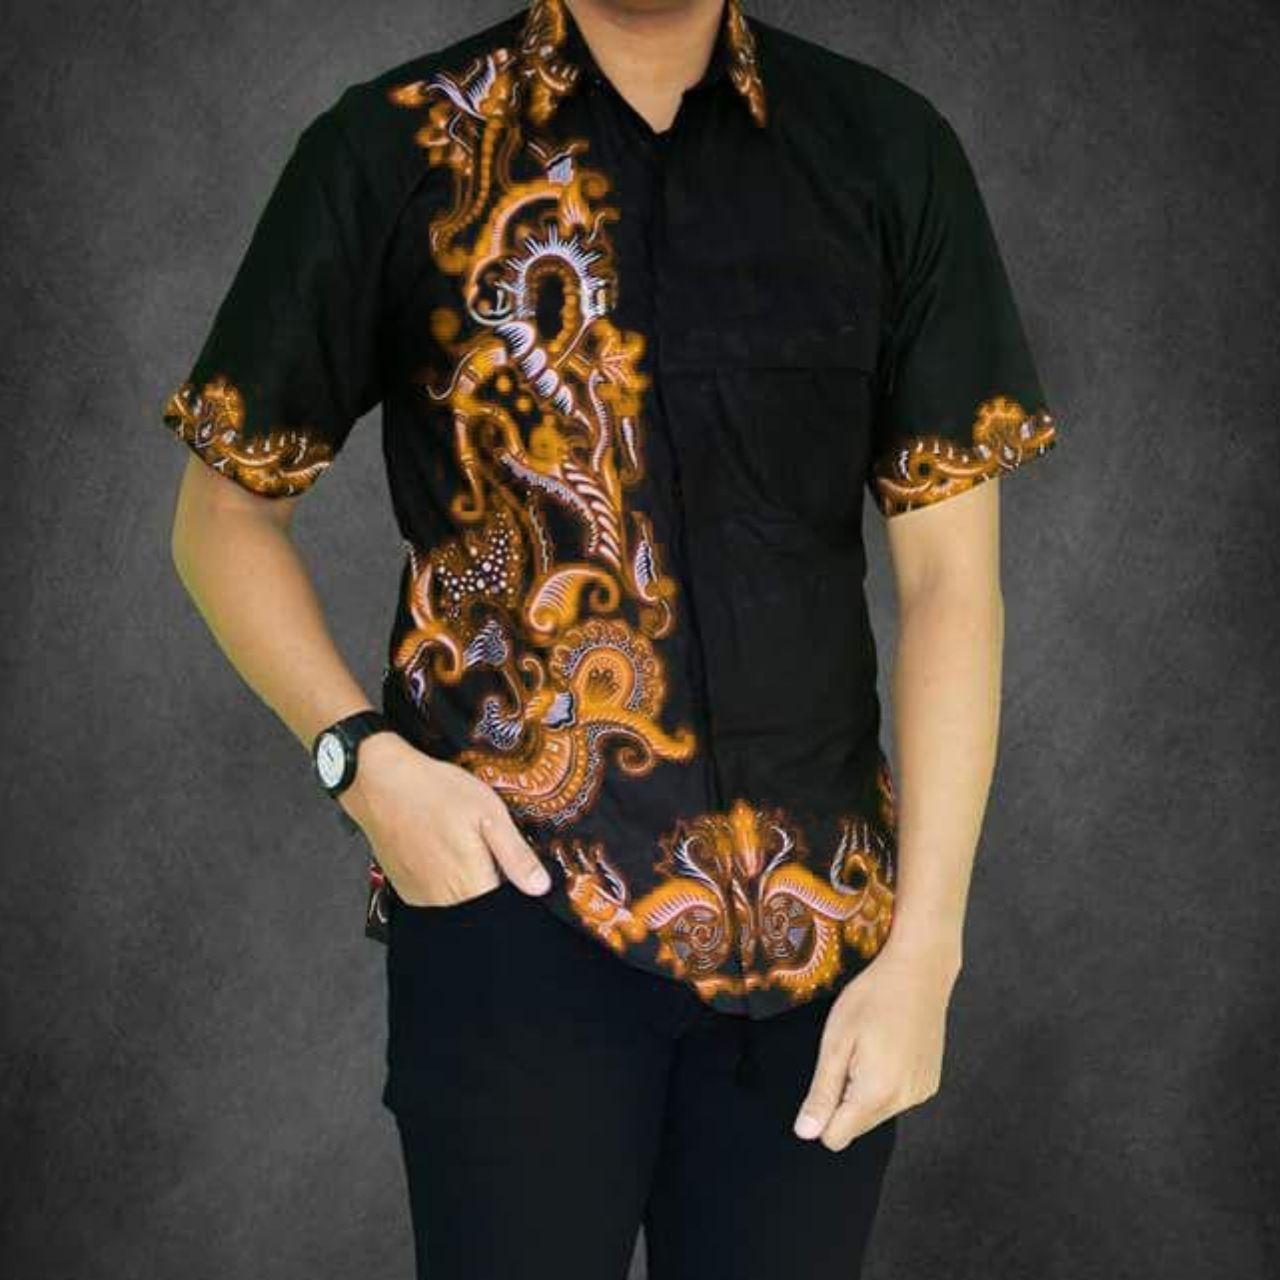 Model Baju Batik Pria Modern Casual Terbaru  Baju Batik Pria Lengan Pendek Terbaru  Kemeja Batik Pria Modern Kombinasi   Hem Batik Pria  Azka Batik